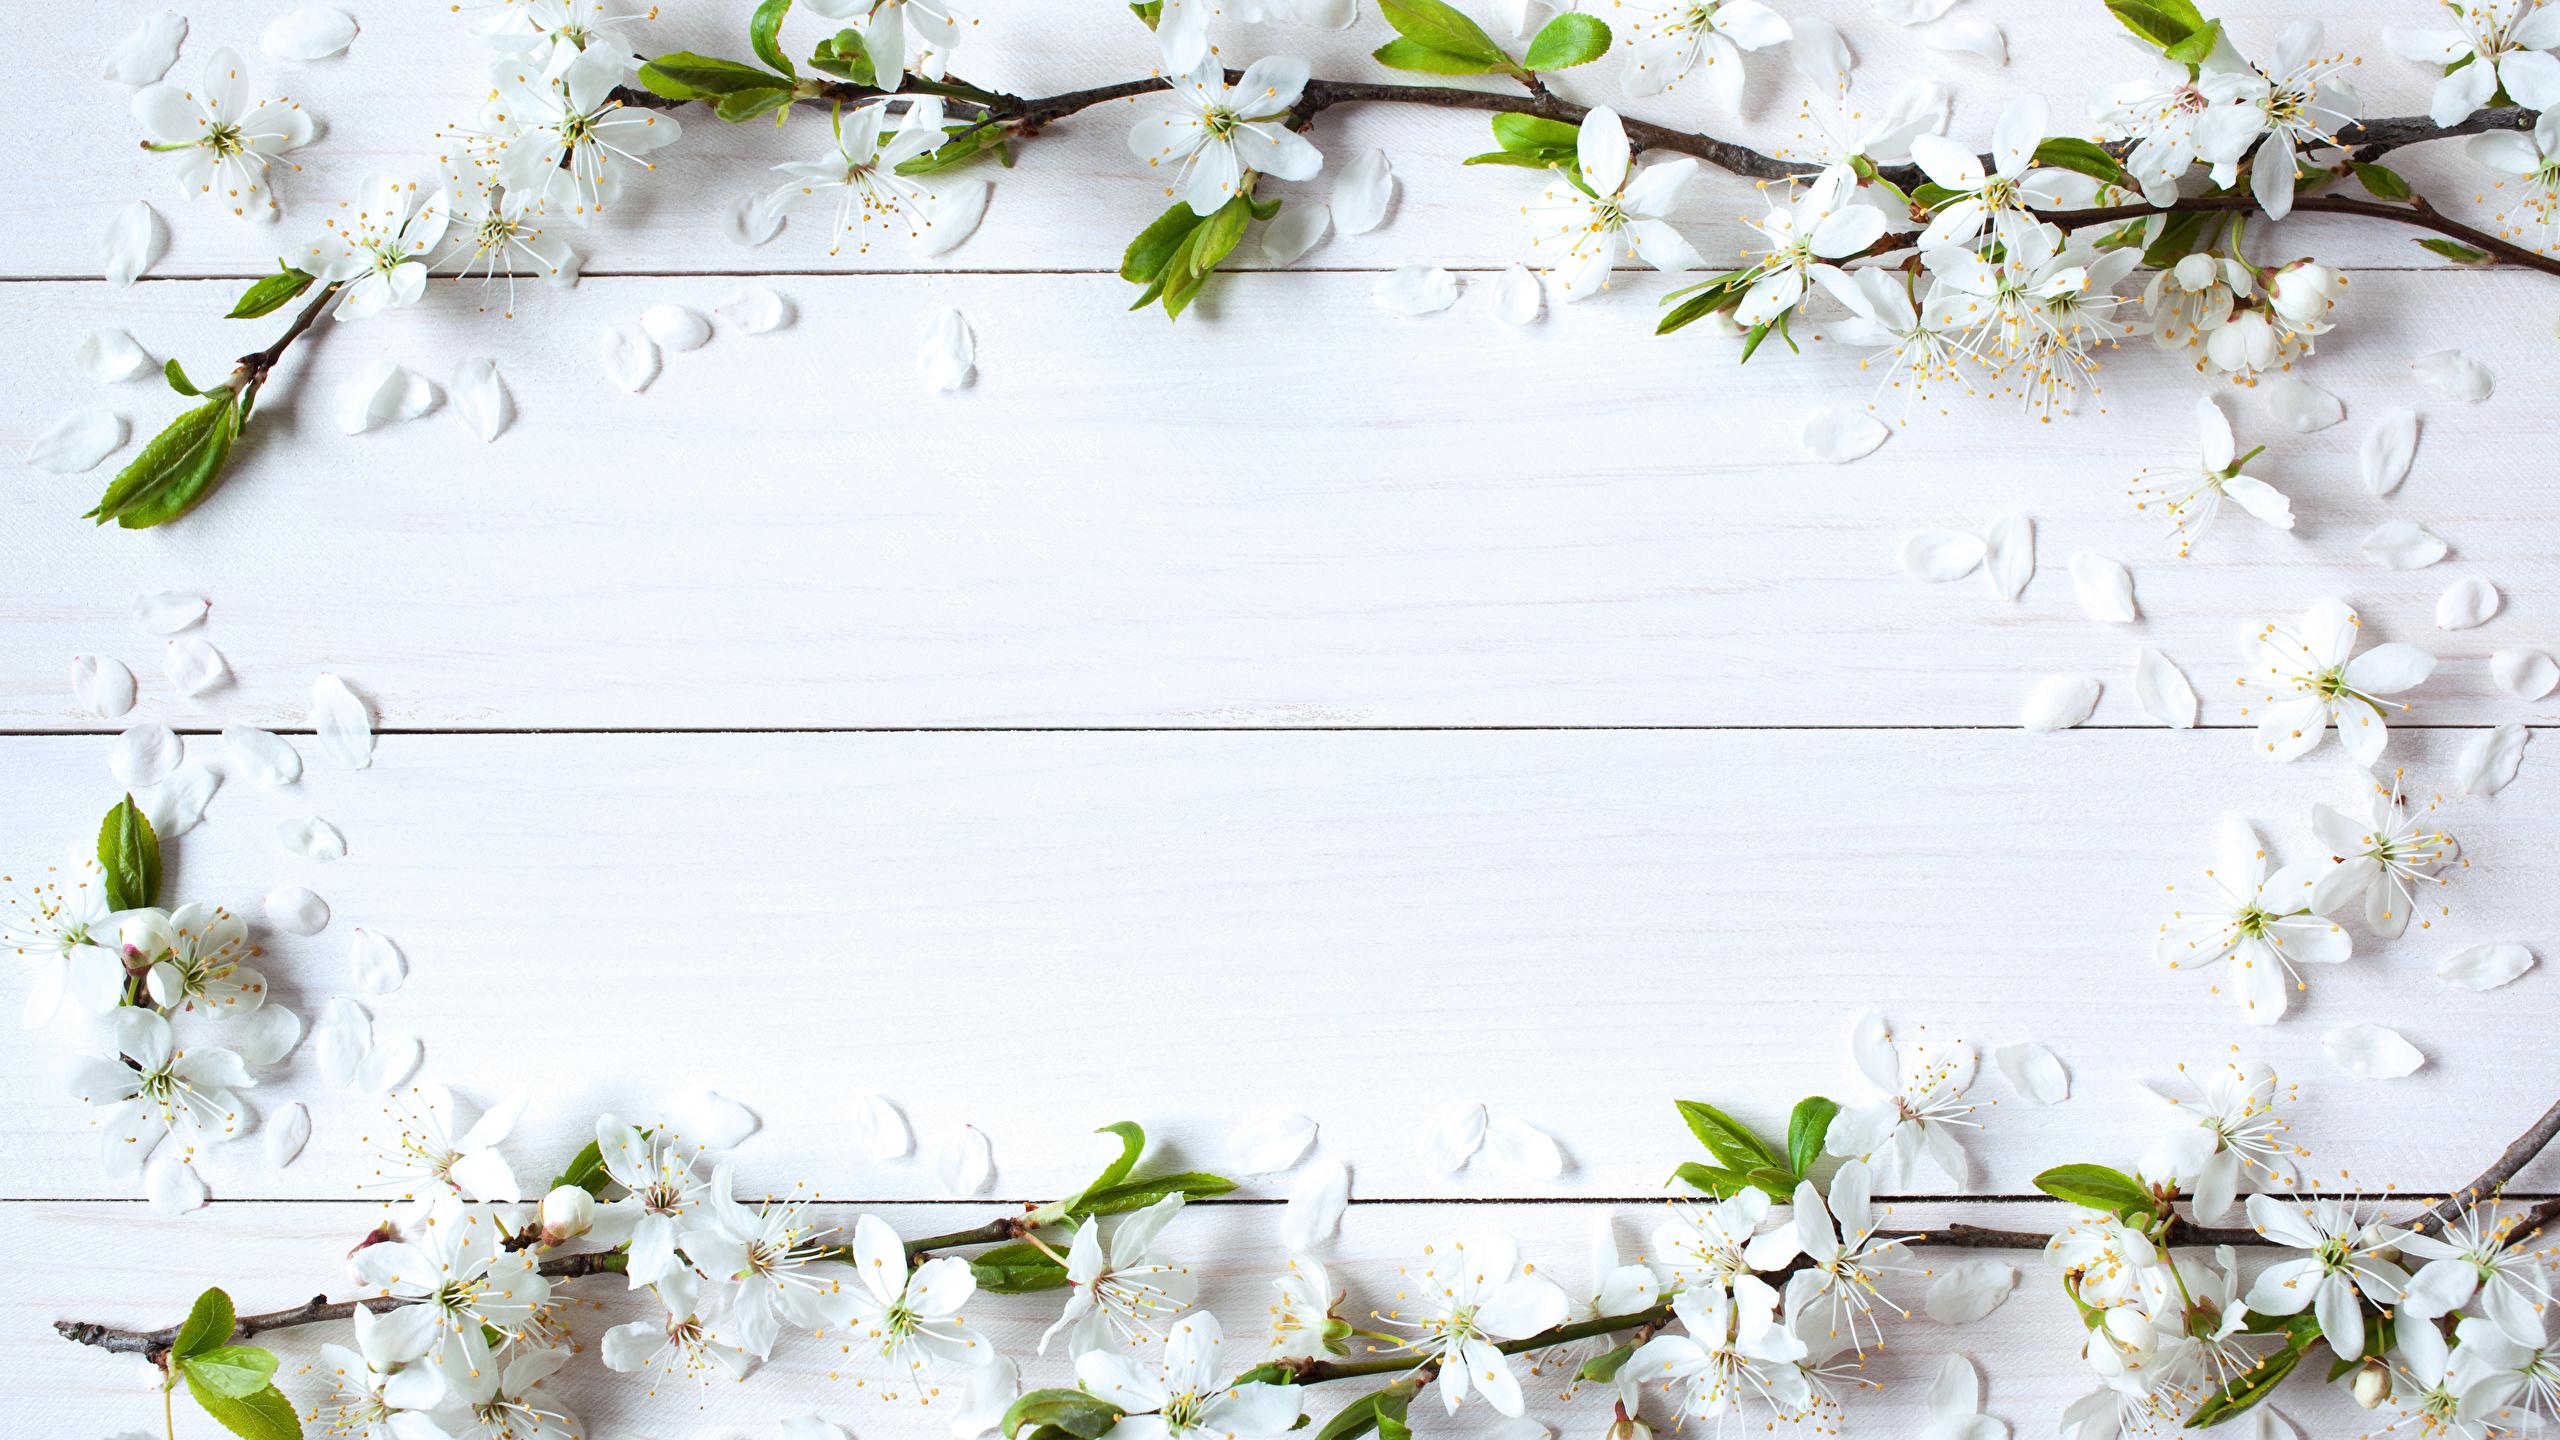 Wood Wallpaper Фотографии Цветы Шаблон поздравительной открытки Доски